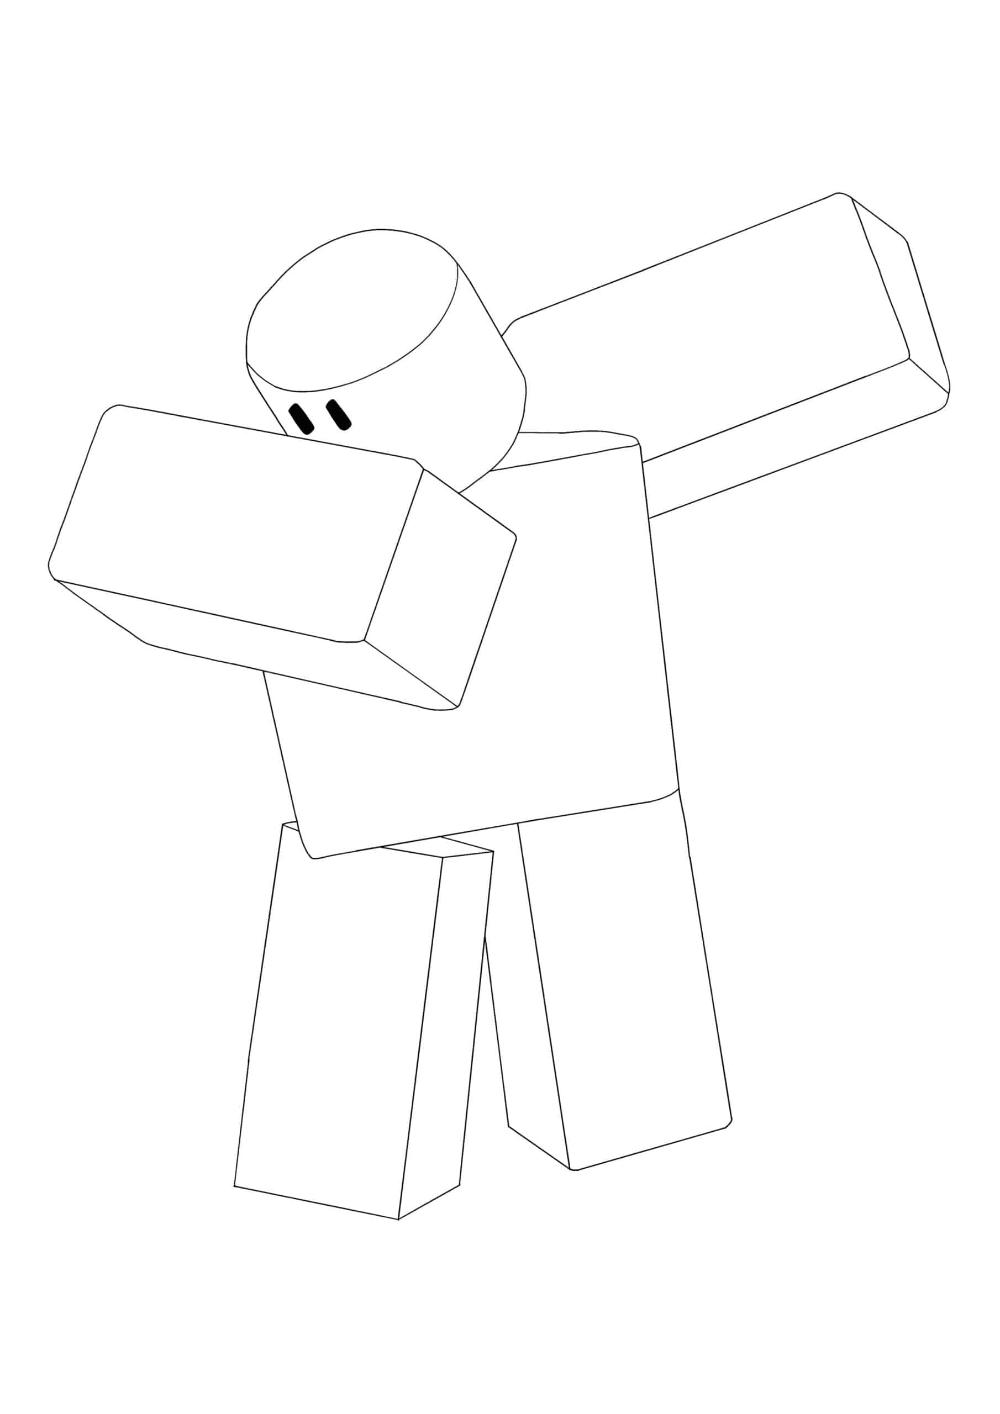 c4a4953dd82759b2e4205ca74d2d156b » Roblox Builderman Coloring Pages